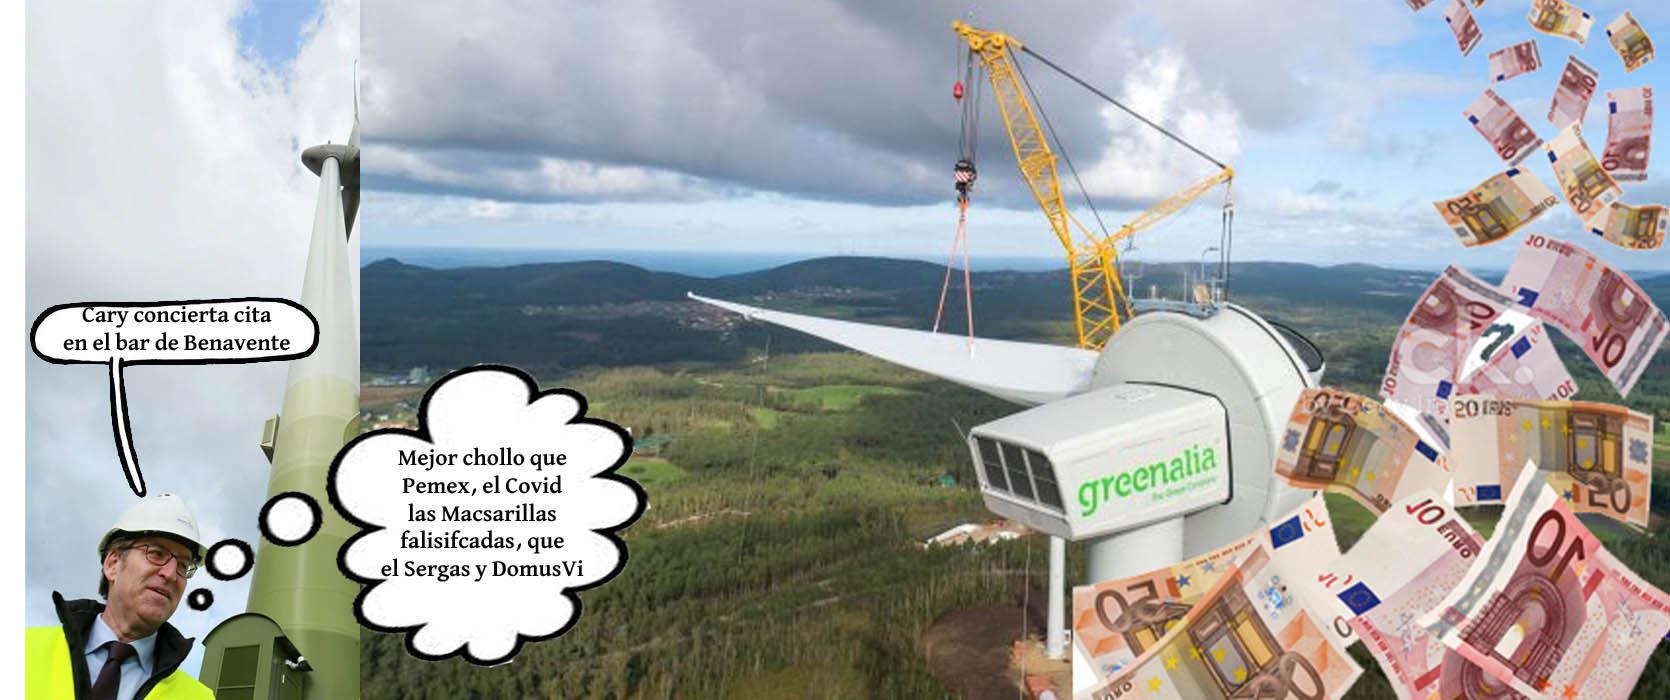 Feijóo facilita a destrucción e recortes nas Fragas do Eume para beneficiar  o negocio das eólicas - Xornal Galicia | Xornal Galicia